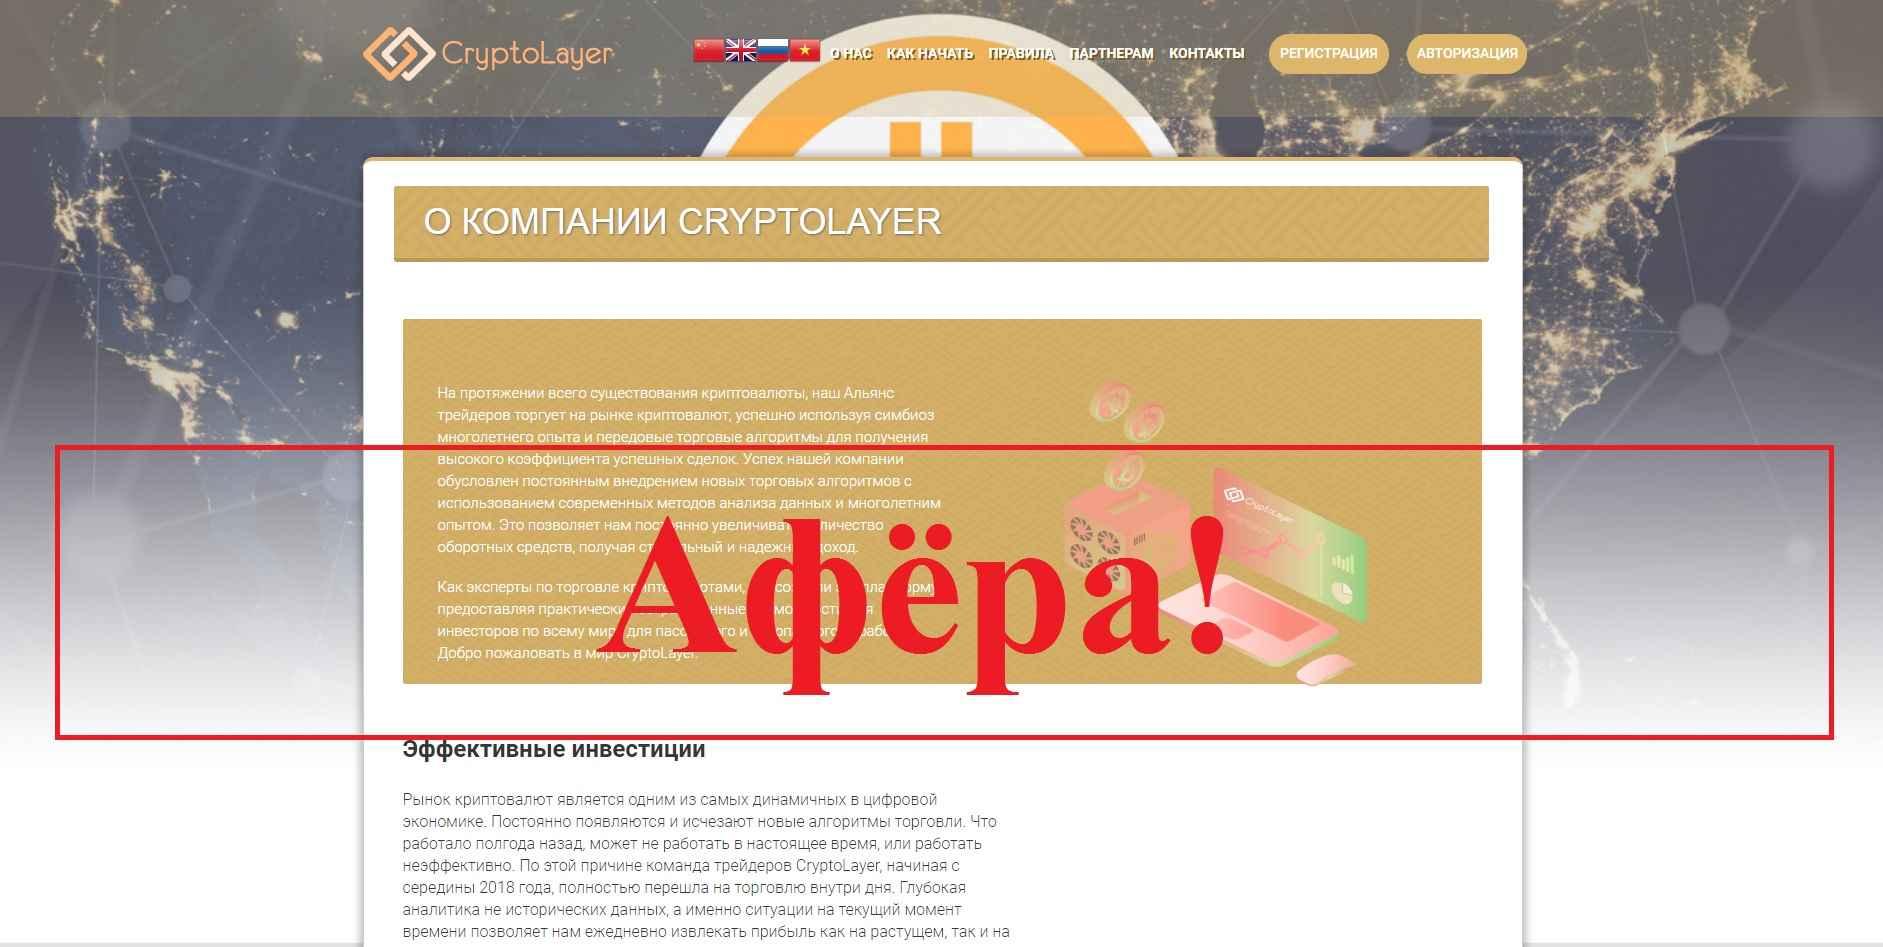 CryptoLayer – инвестиционный проект. Обман?